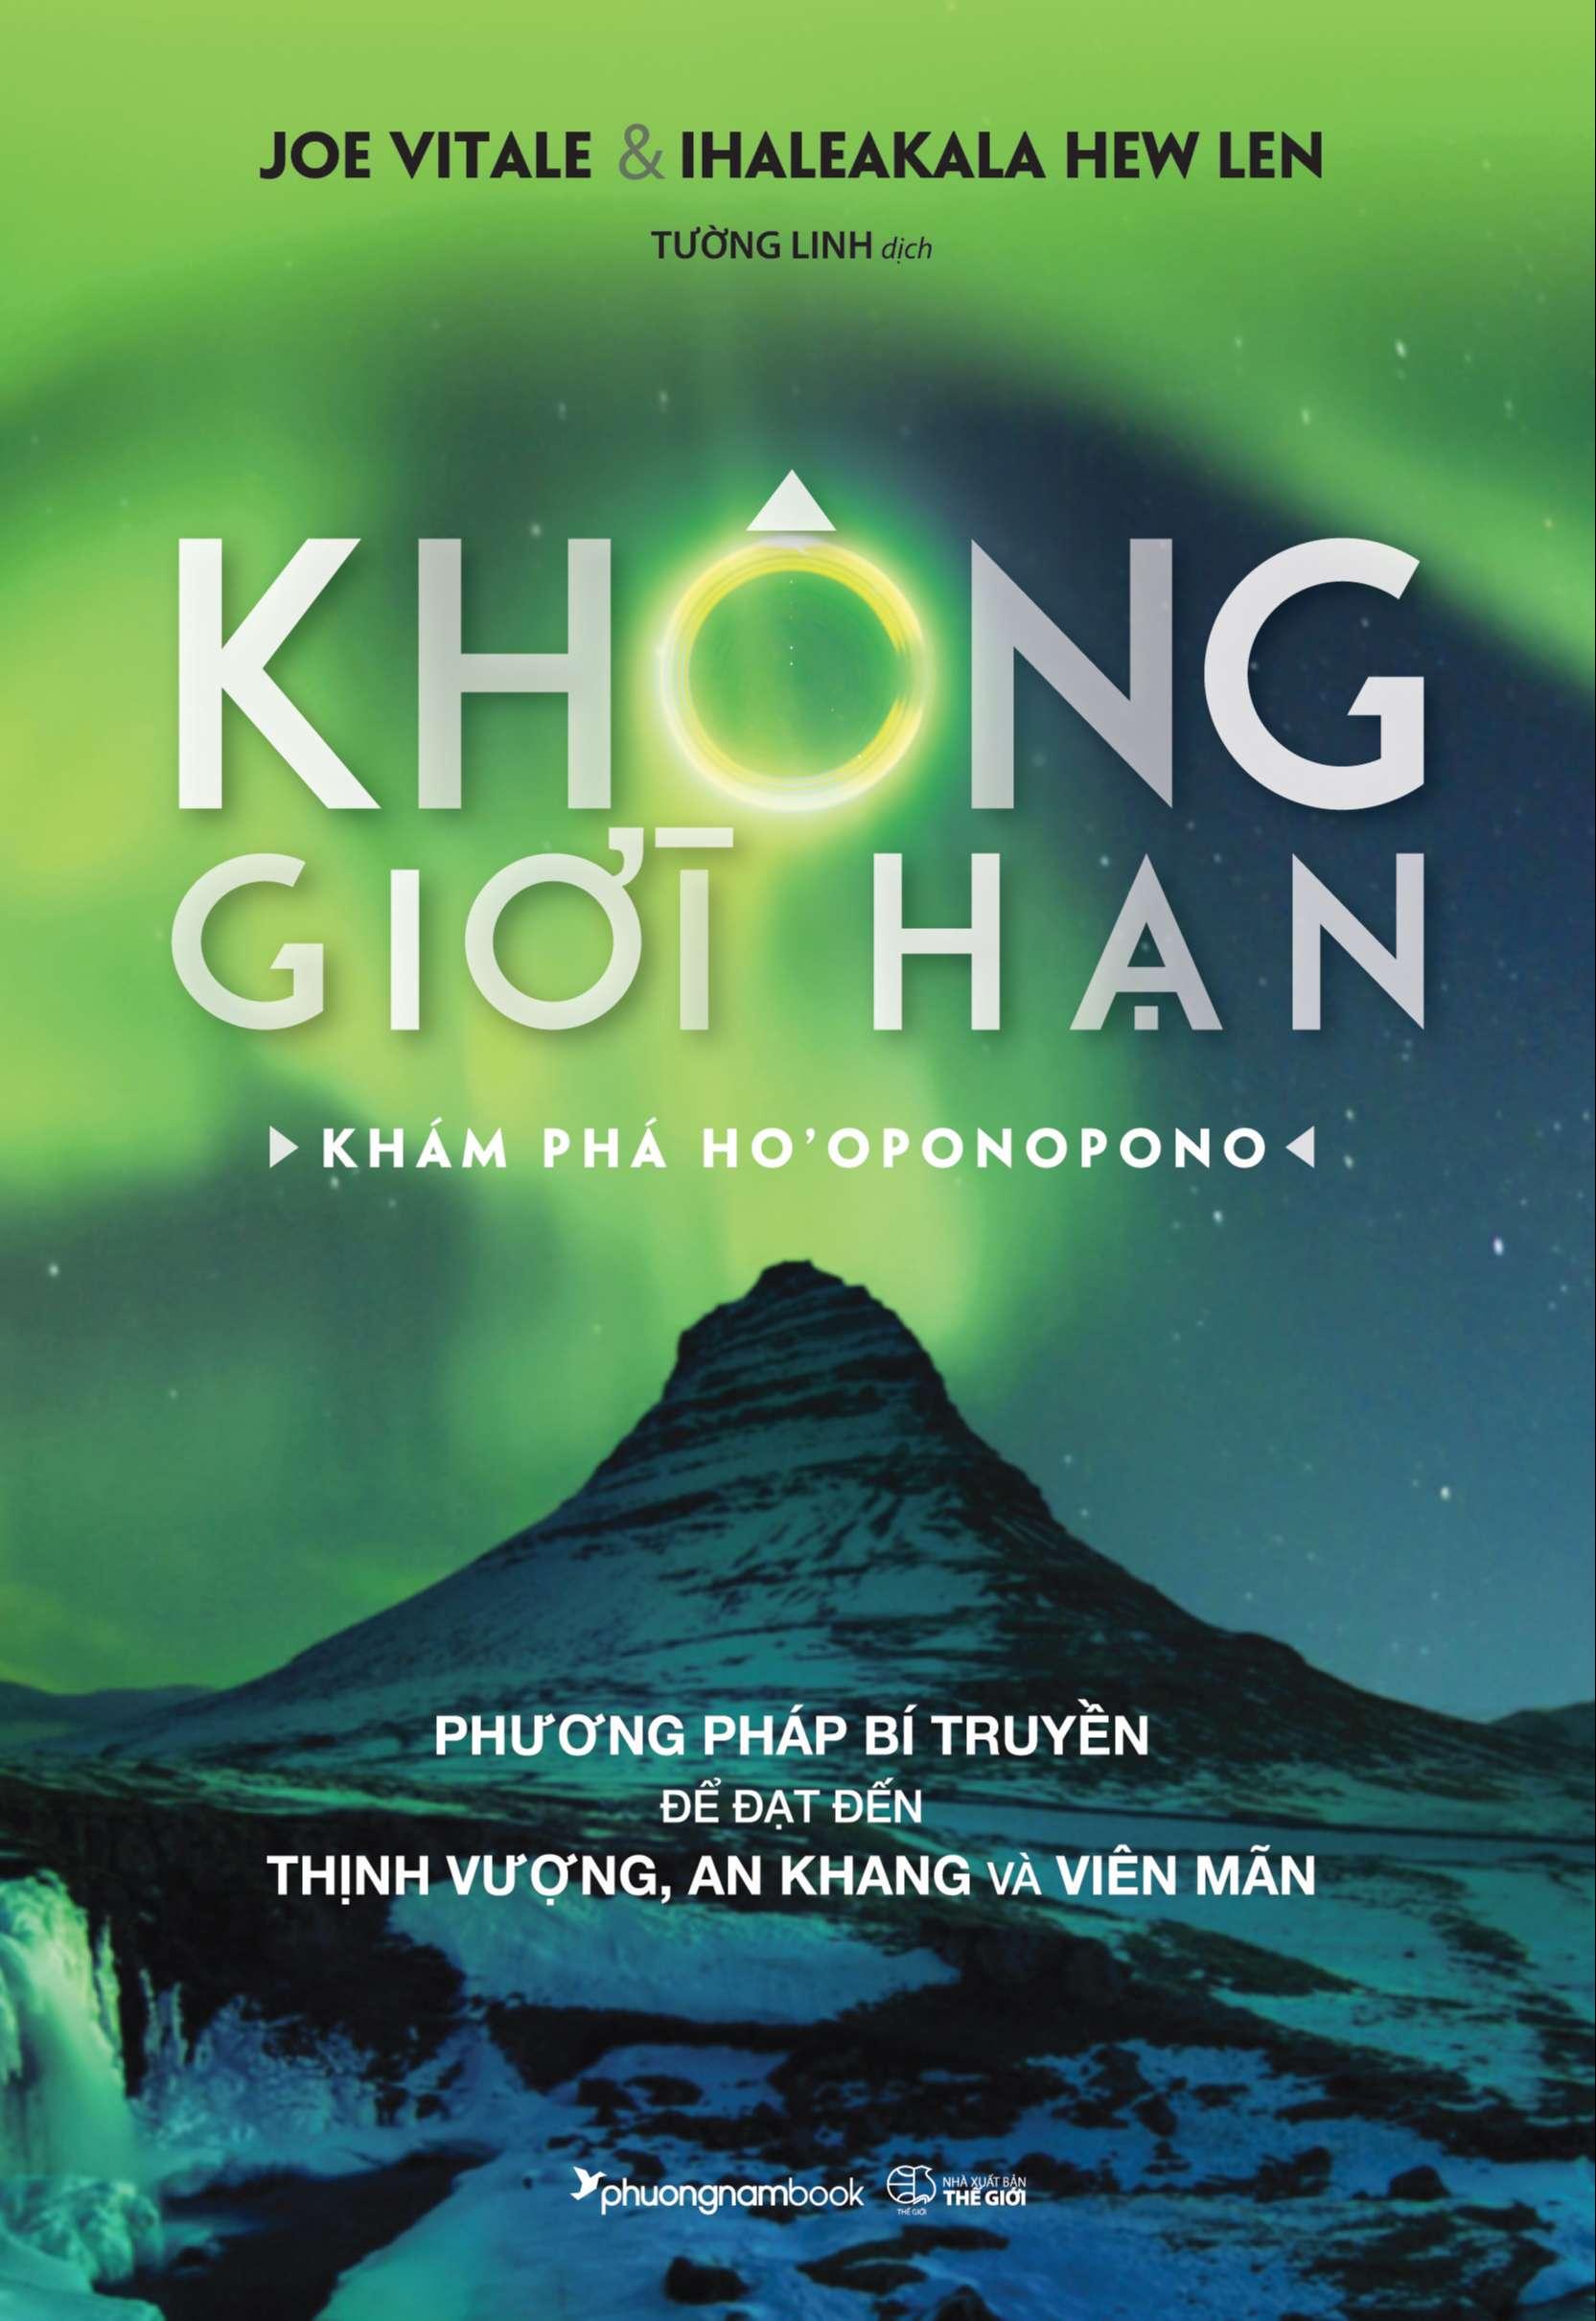 Sách - Không Giới Hạn-Khám Phá Ho'oponopono - Phương Nam Book Đang Ưu Đãi Giá